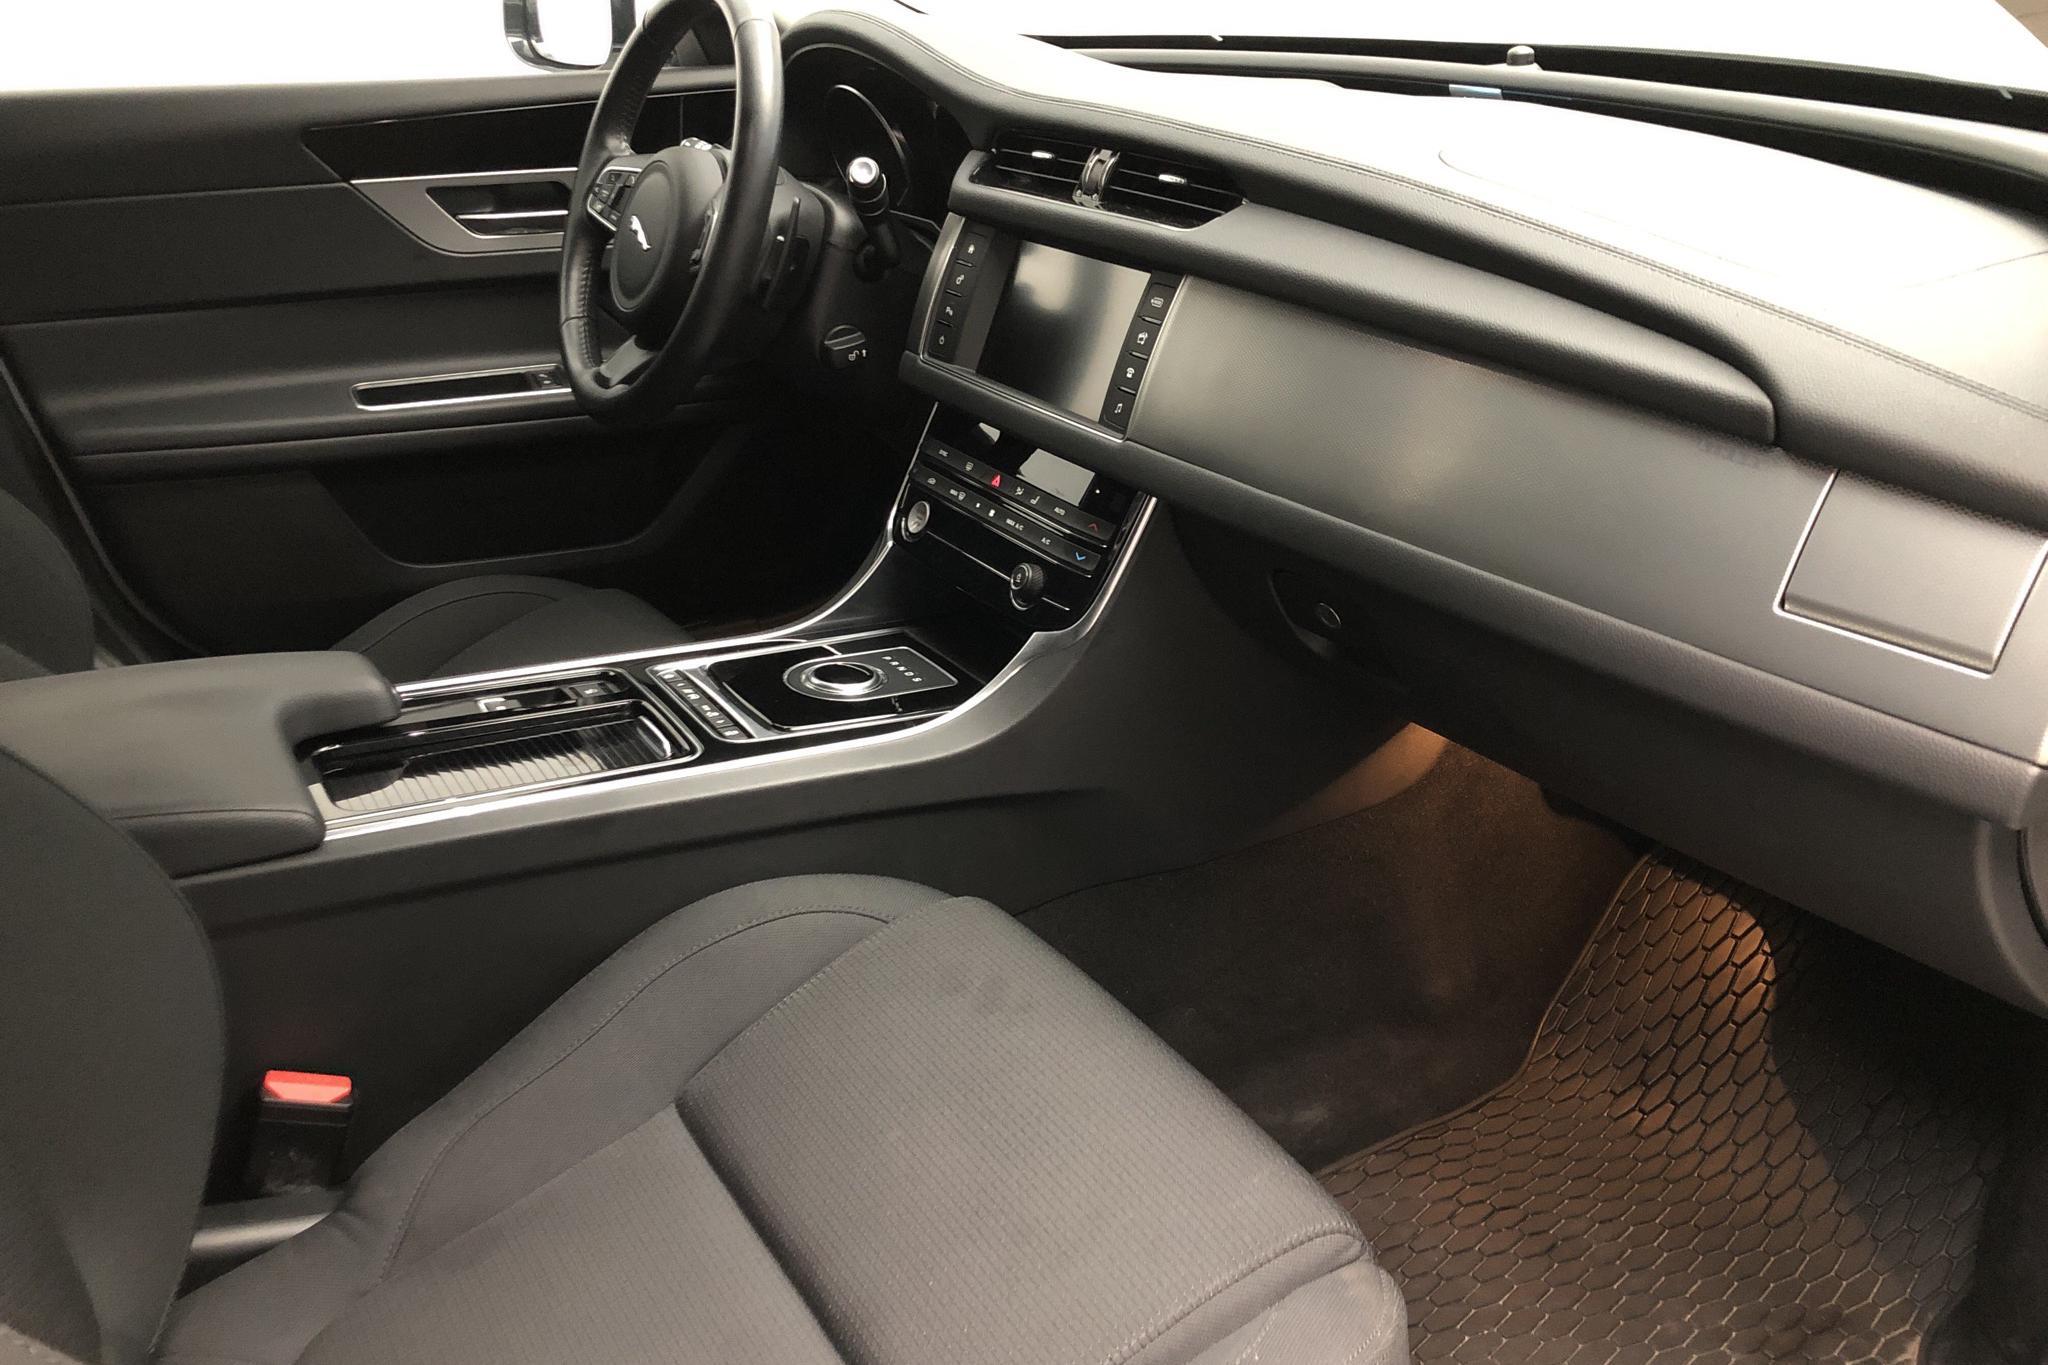 Jaguar XF 2.0D Sportbrake RWD (180hk) - 29 380 km - Automatic - white - 2018